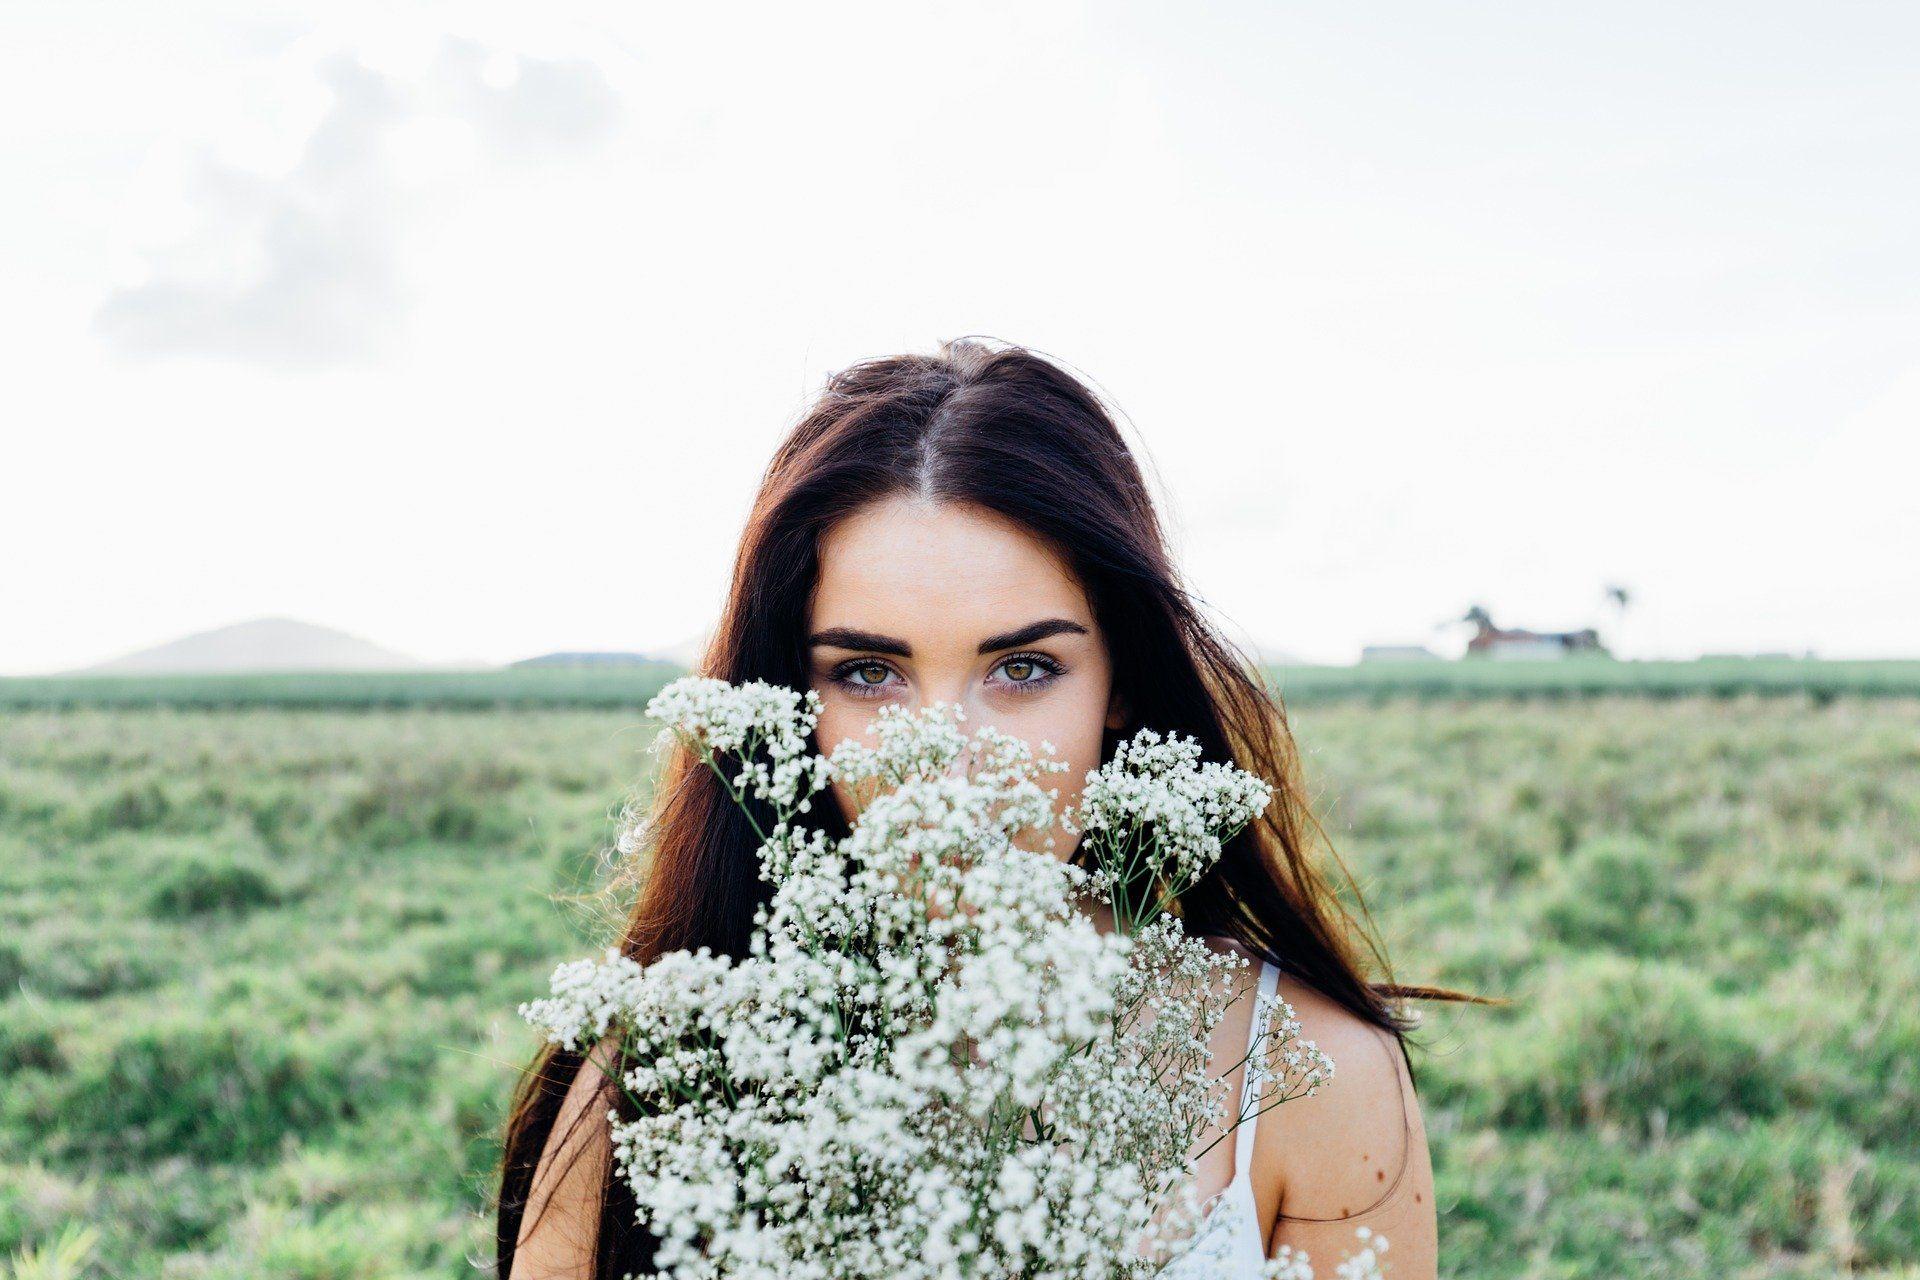 Ce sunt dermatocosmeticele?